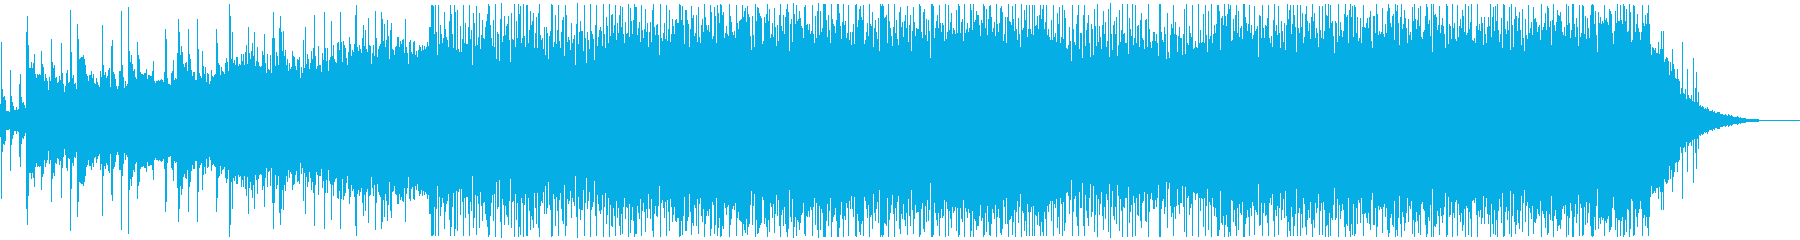 美しいピアノから始まるオープニングEDMの再生済みの波形